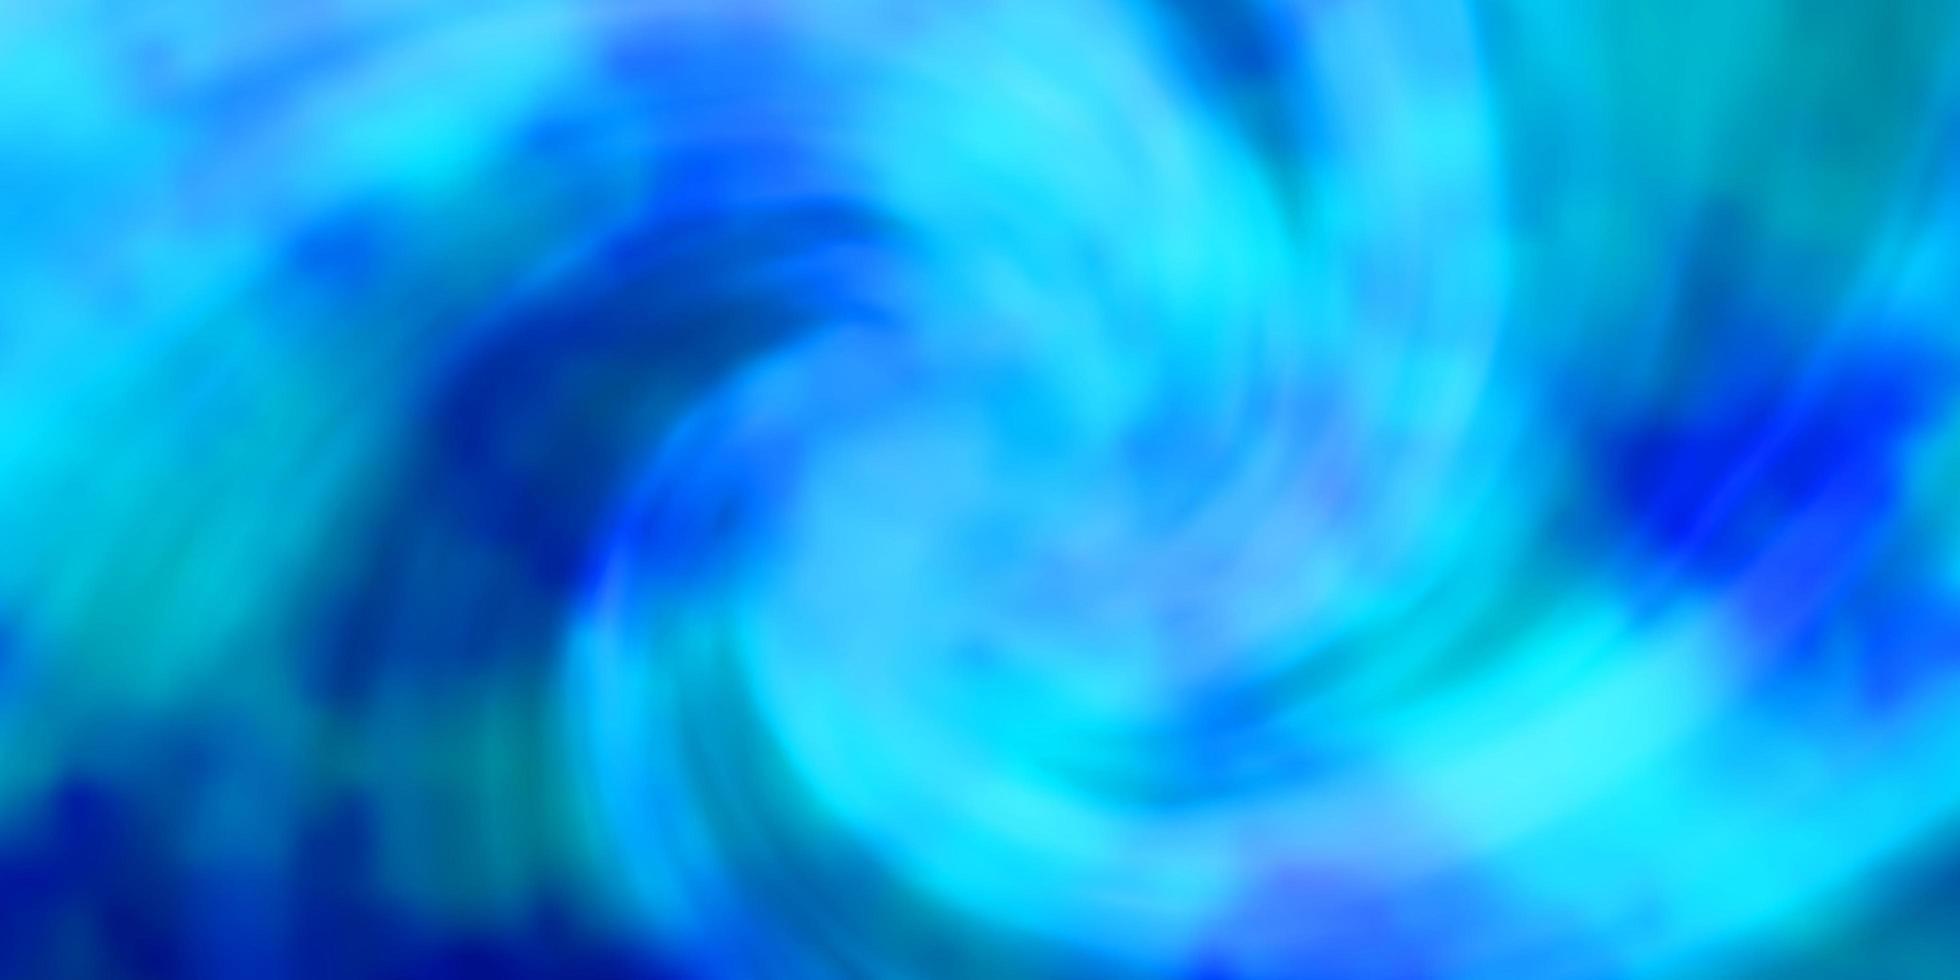 sfondo vettoriale azzurro con cumulo.